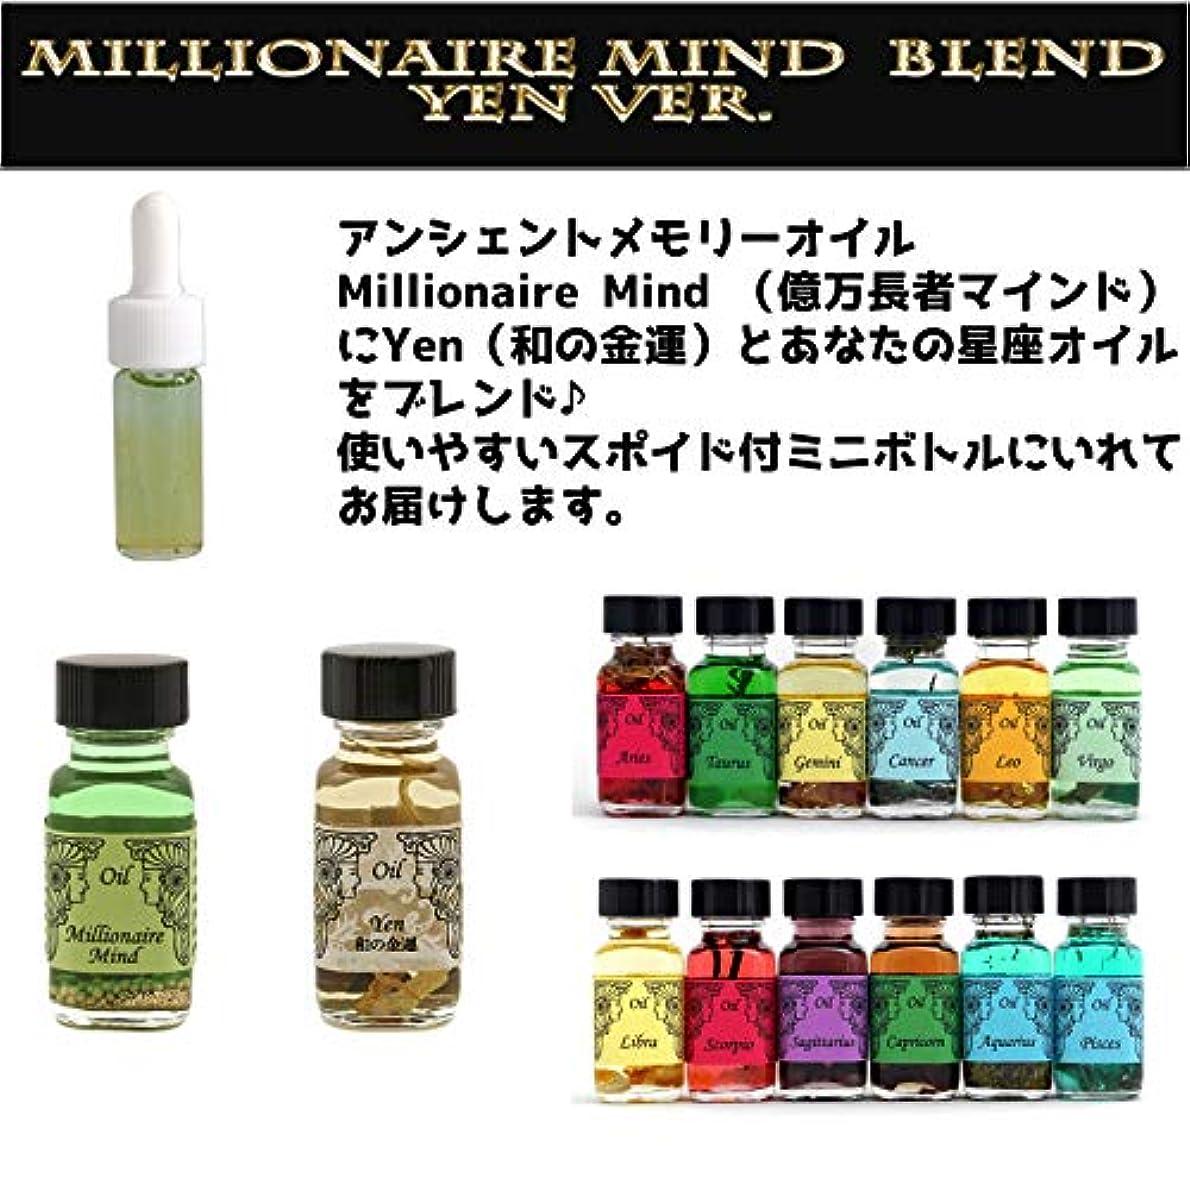 手がかりマルクス主義者啓示アンシェントメモリーオイル Millionaire Mind 億万長者マインド ブレンド【Yen 和の金運&おとめ座】